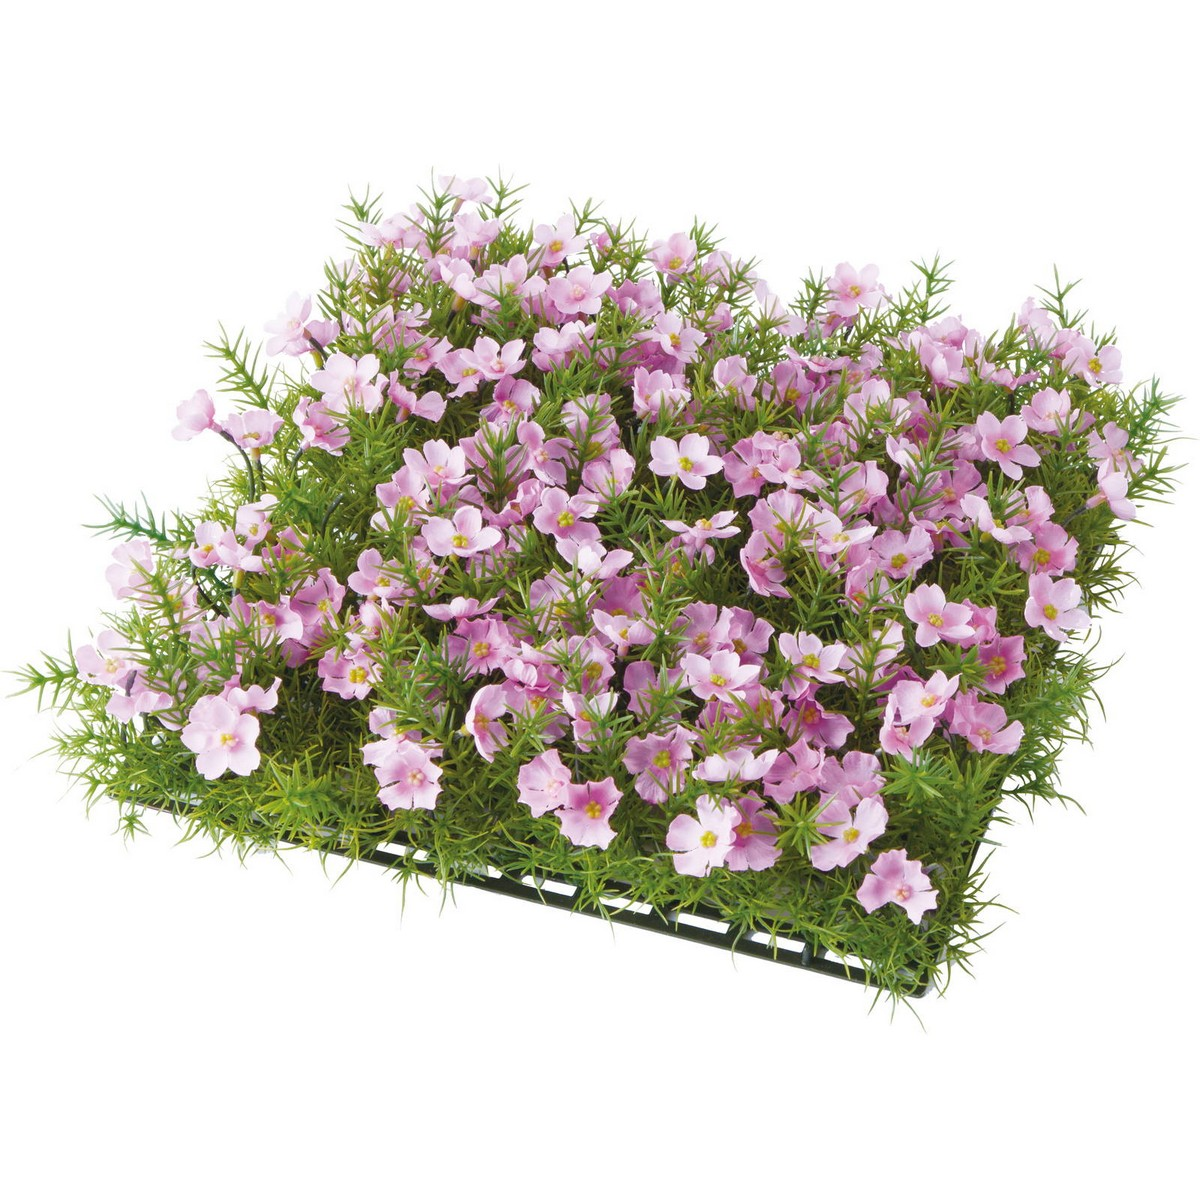 【造花】YDM/シバザクラマット ピンク/GL-MB035-P【01】【取寄】《 造花(アーティフィシャルフラワー) 造花 花材「さ行」 さくら(桜) 》